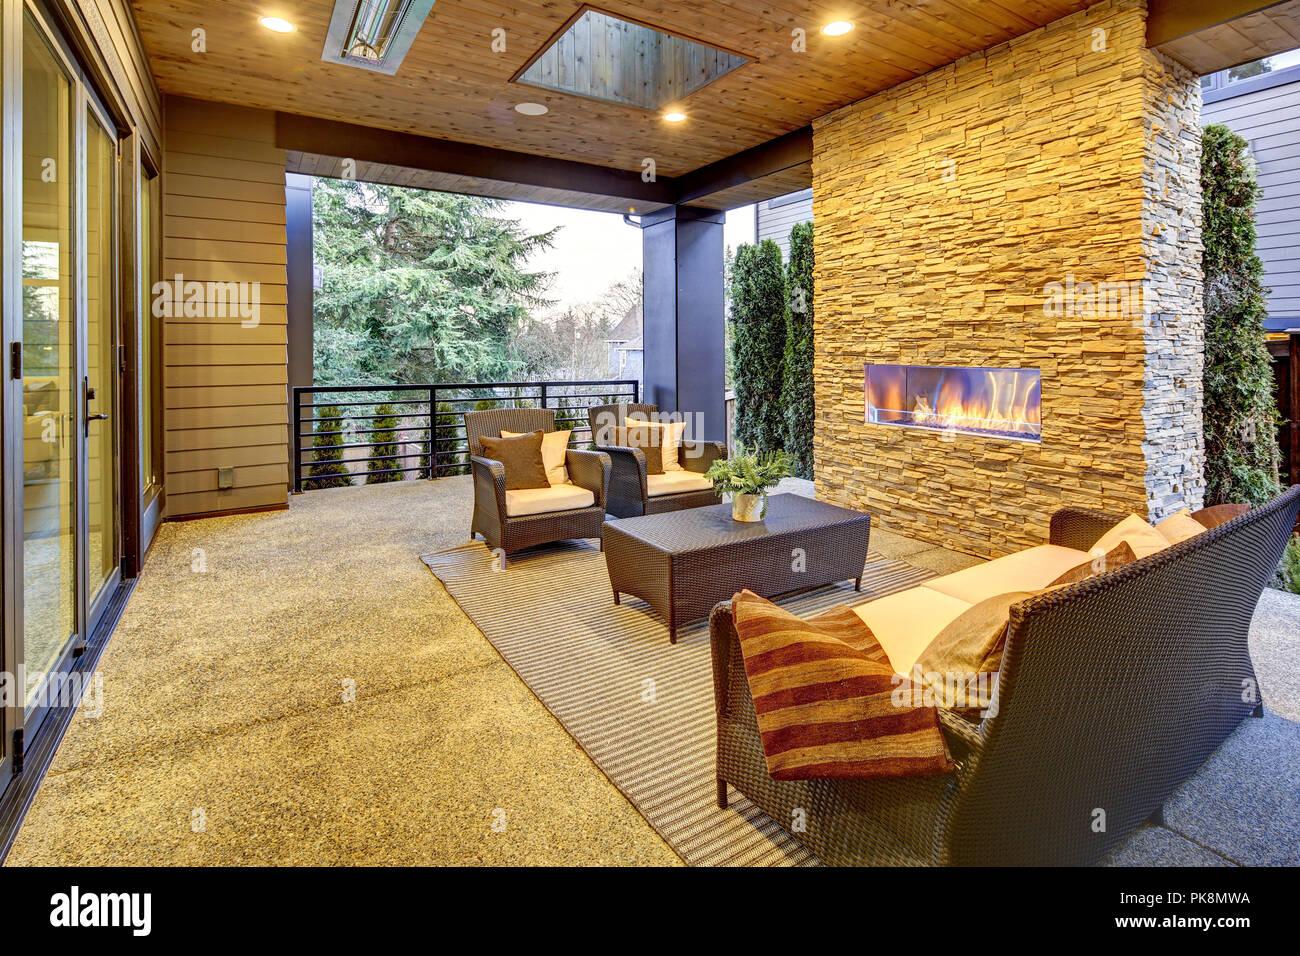 Lujosa casa de nueva construcción en Bellevue. Noroeste, EE.UU. Imagen De Stock